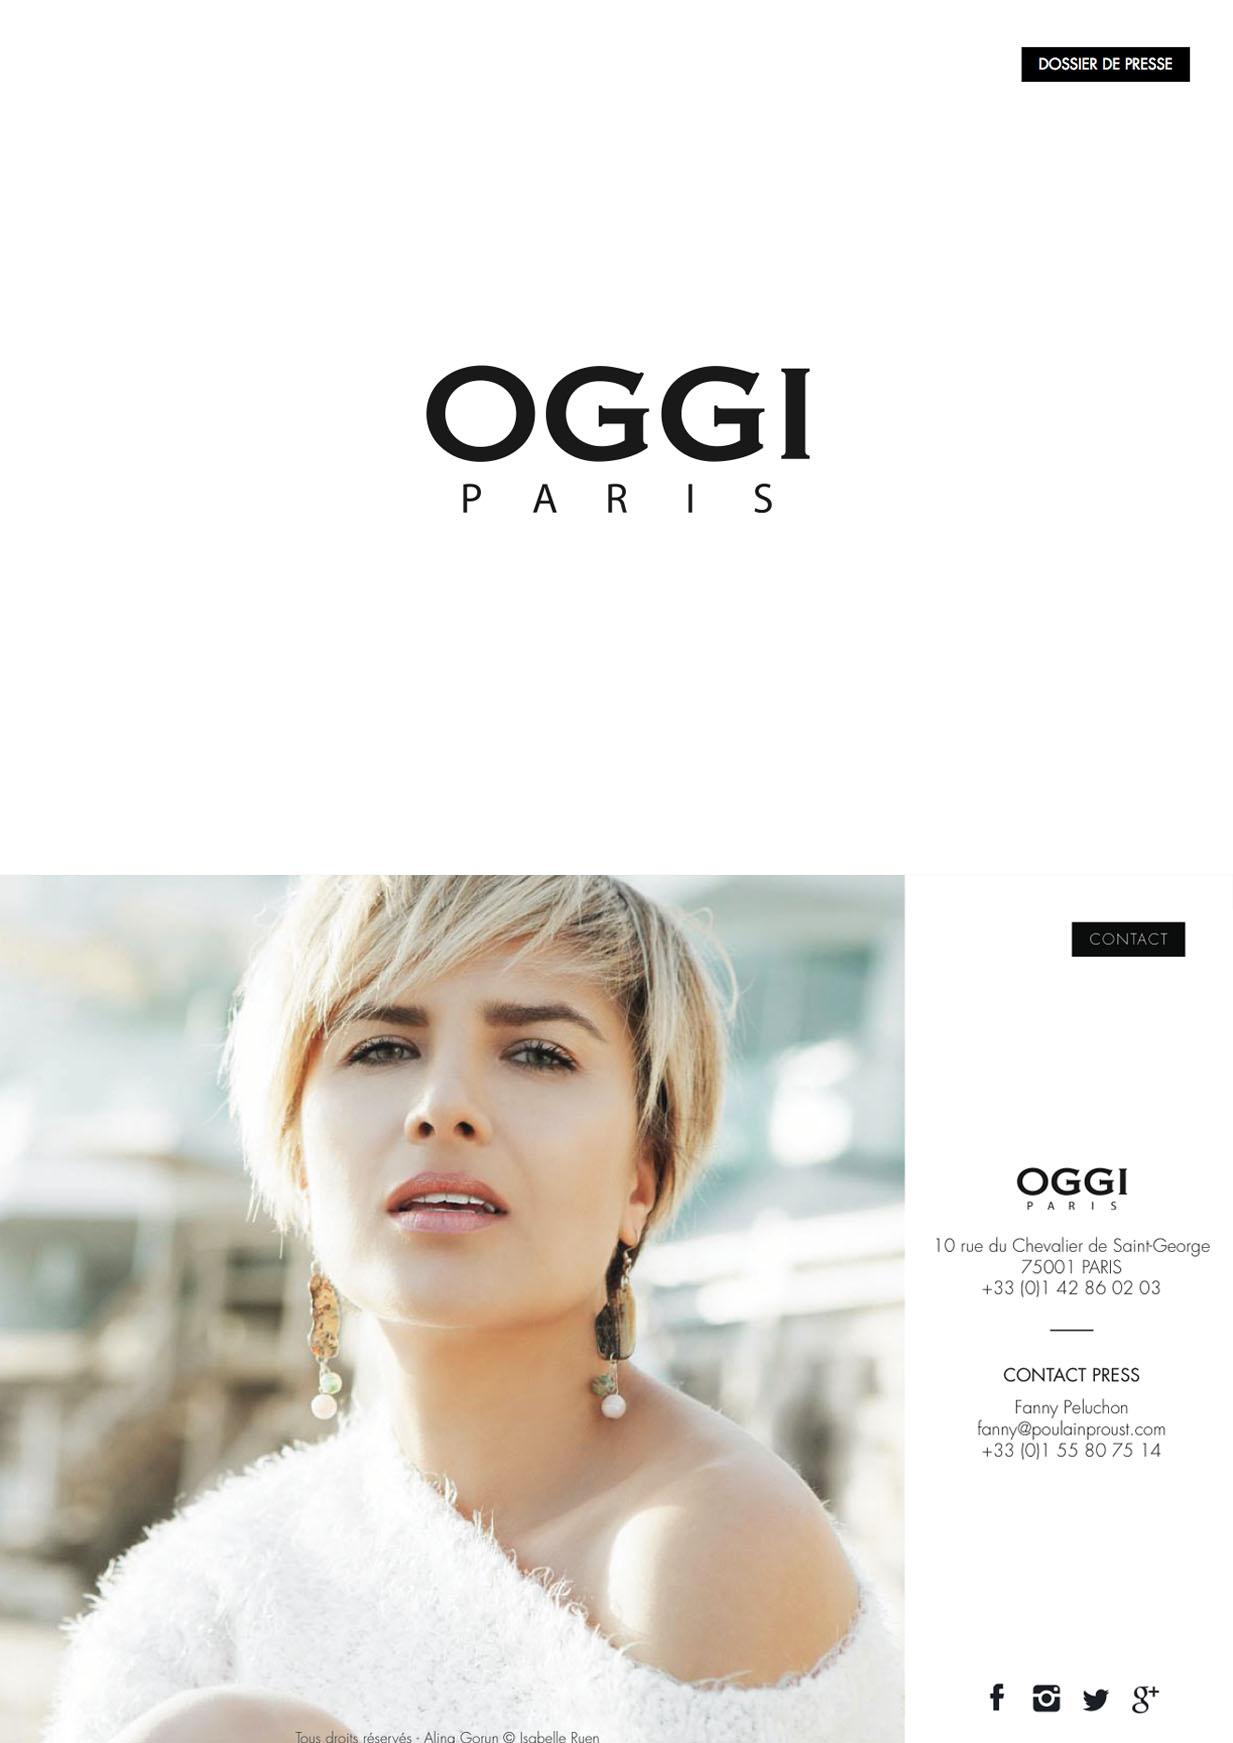 Dossier de Presse 2016 OGGI